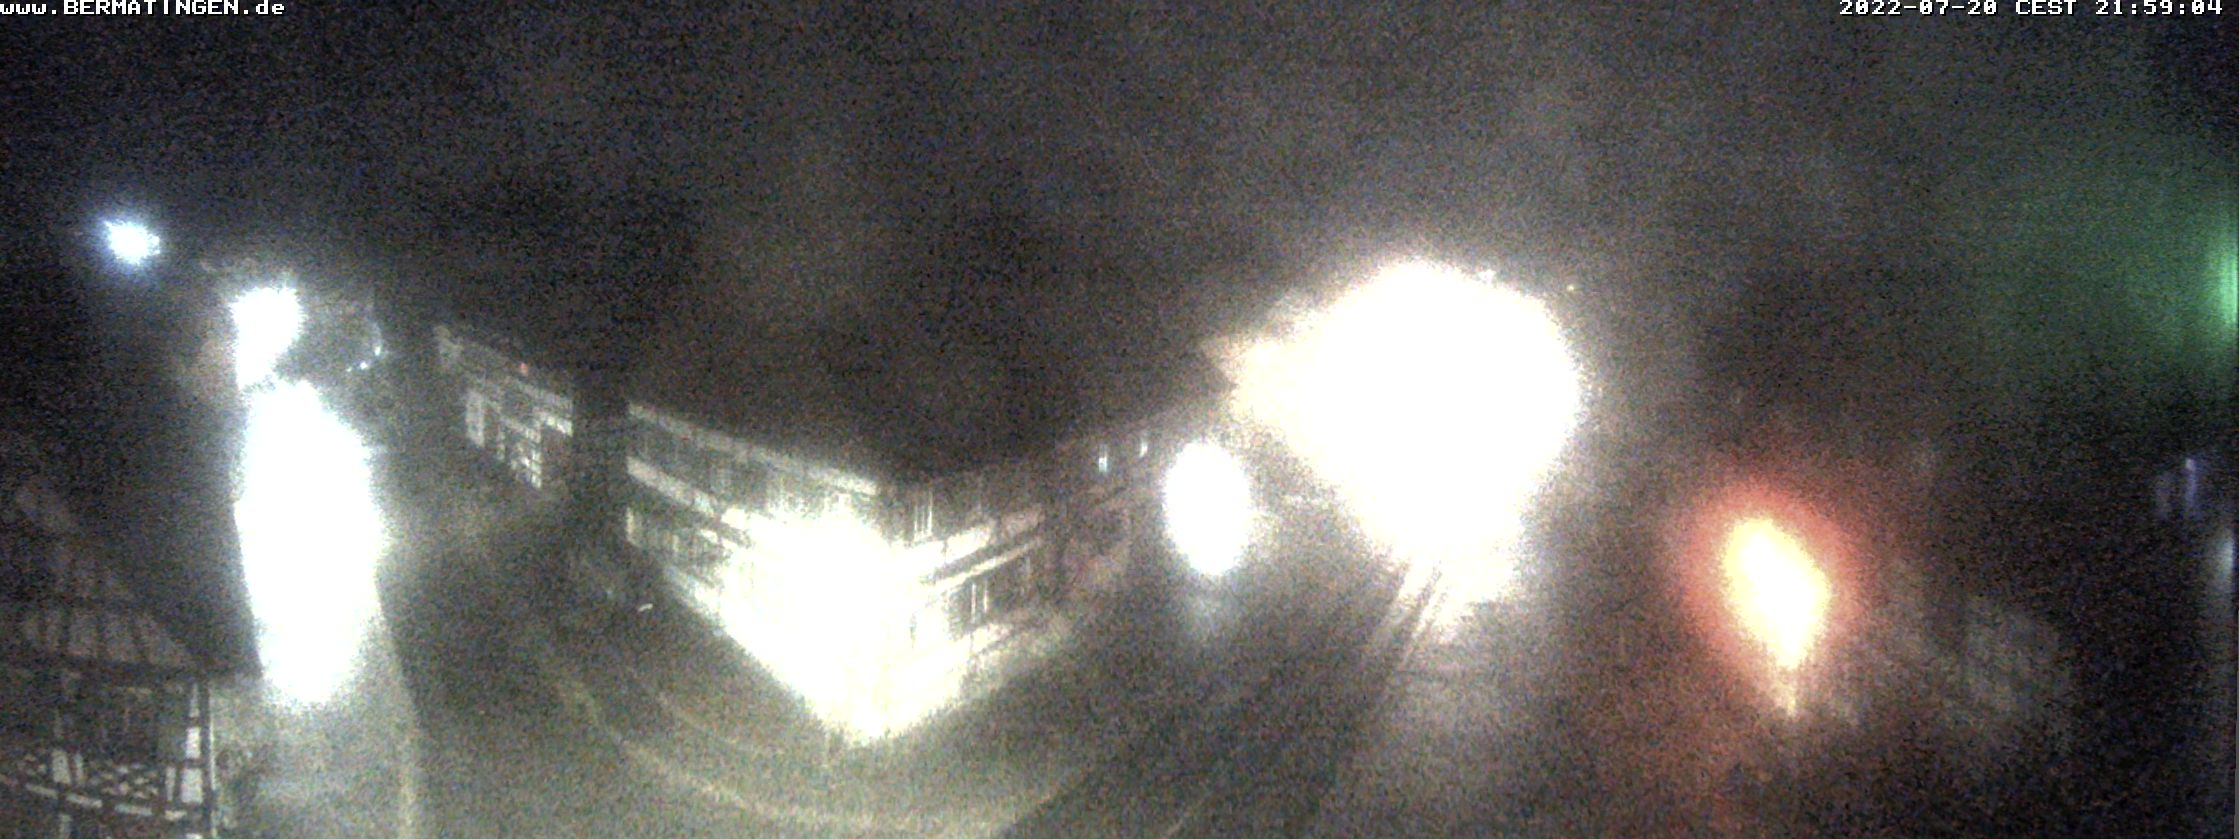 Webcam Gemeinde Bermatingen